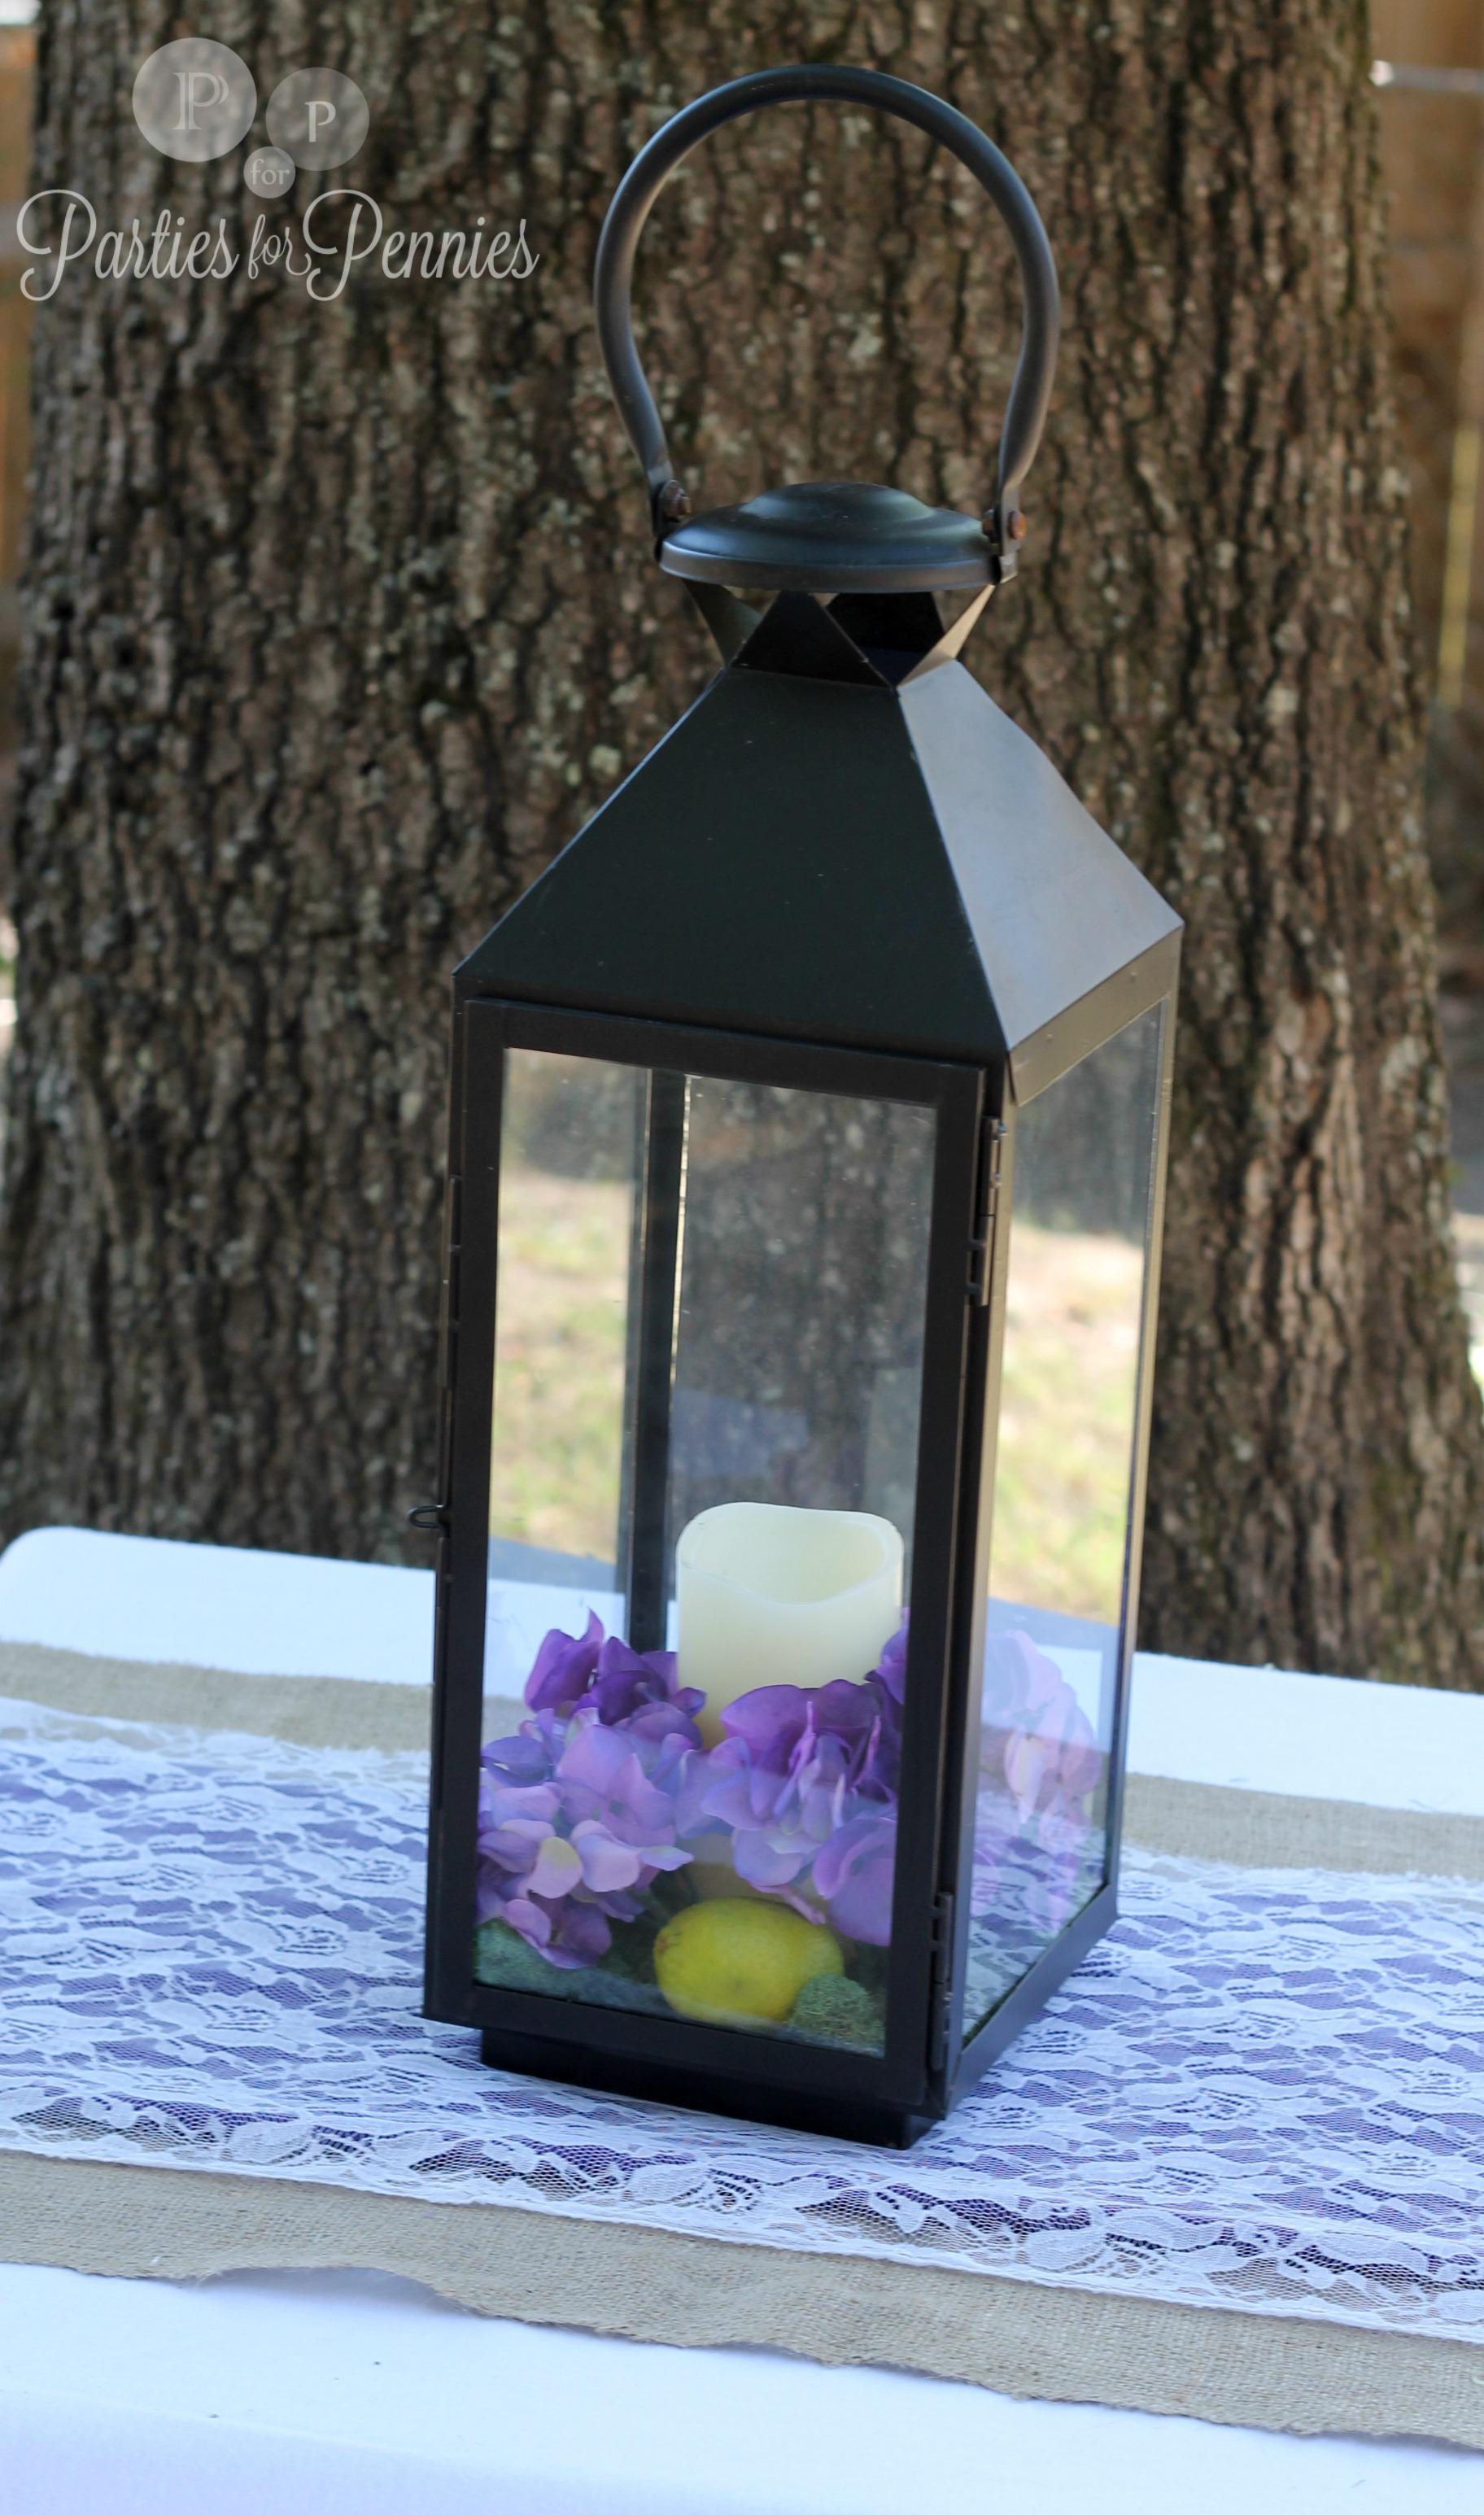 http://partiesforpennies.com/wp-content/uploads/2012/09/Centerpiece-lantern-1-1.jpg